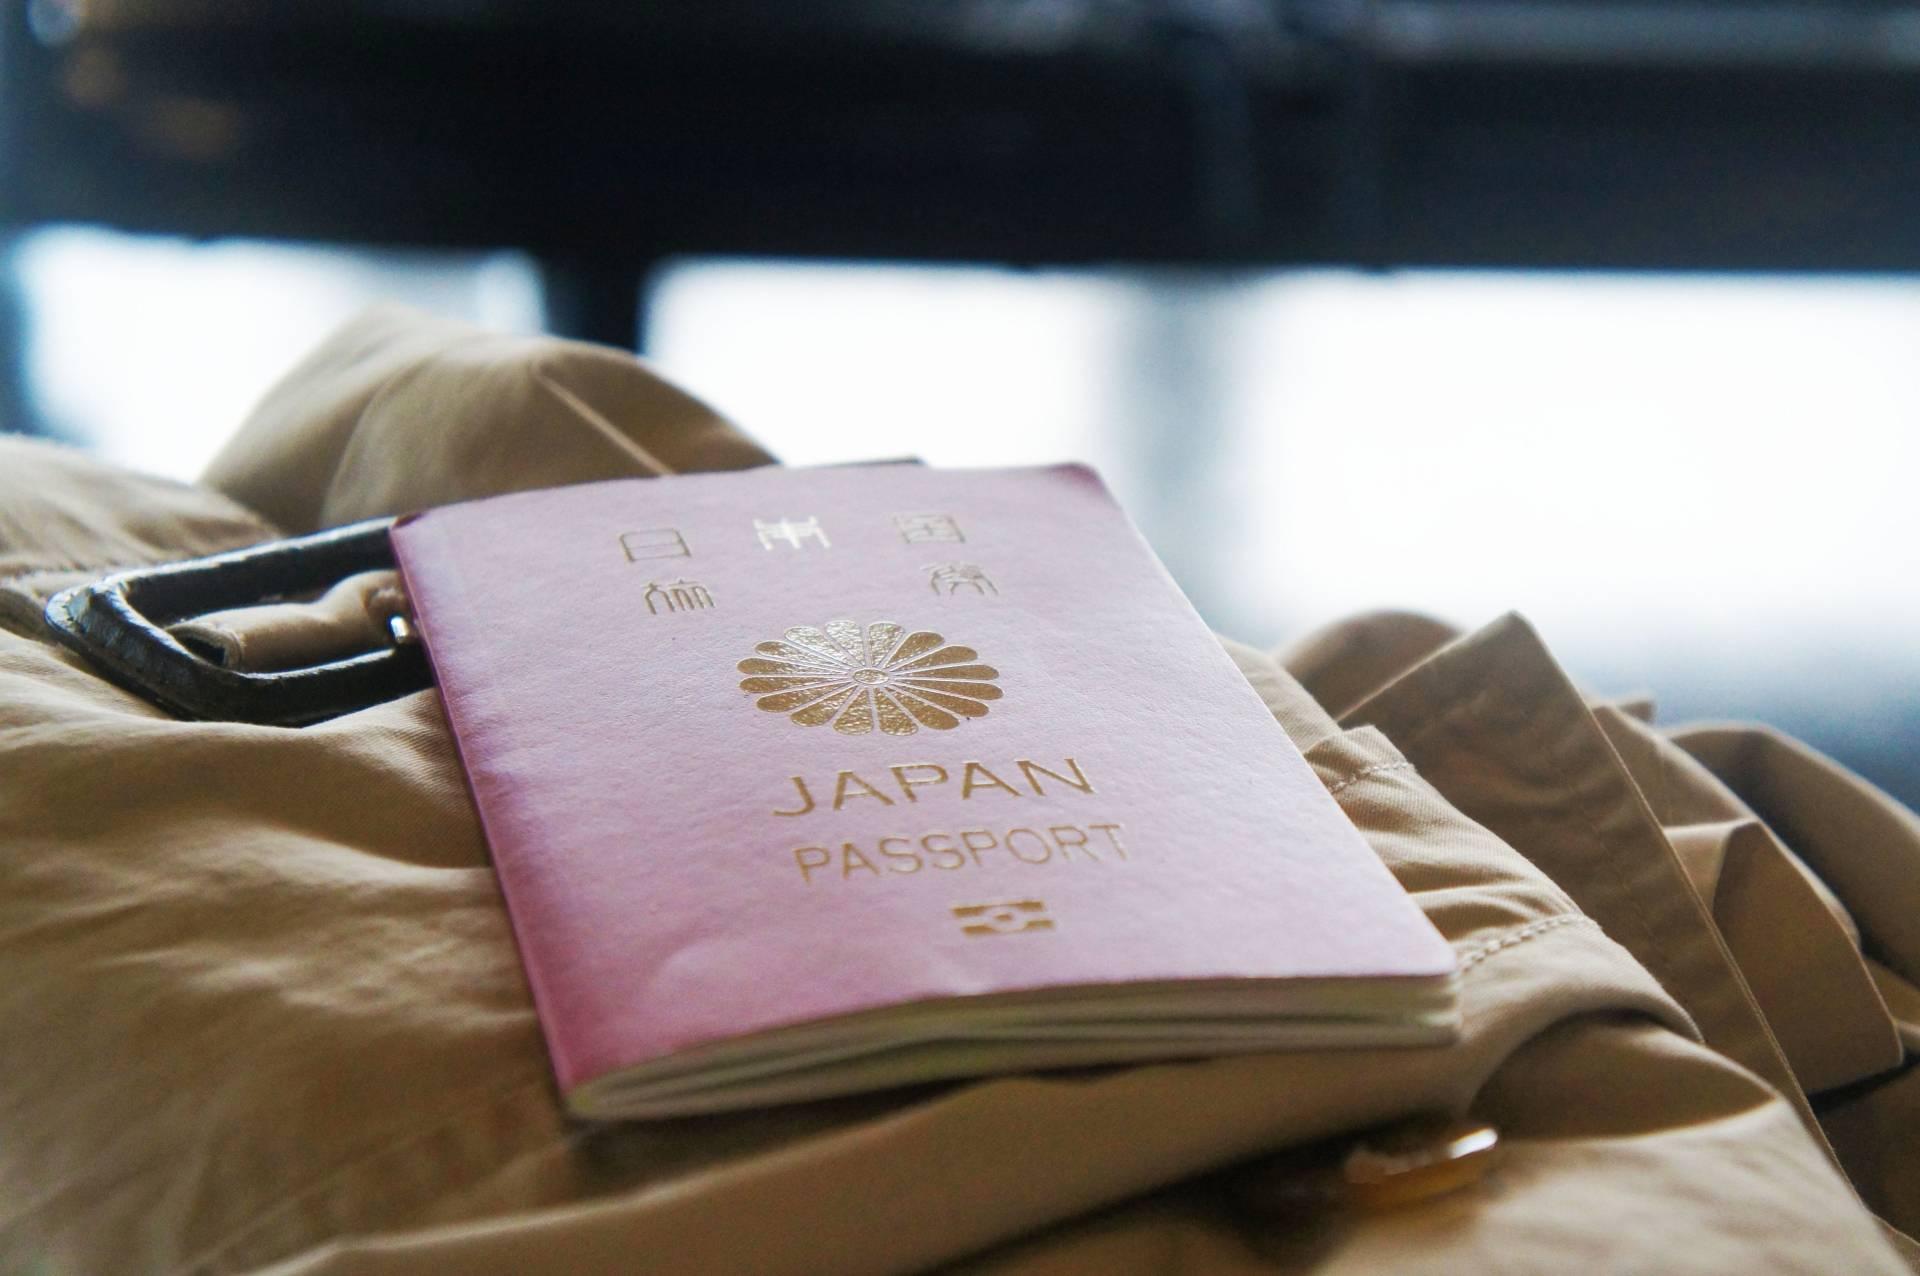 日本の自主隔離誓約書の罰則とは 14日間を無視すると罰金は?